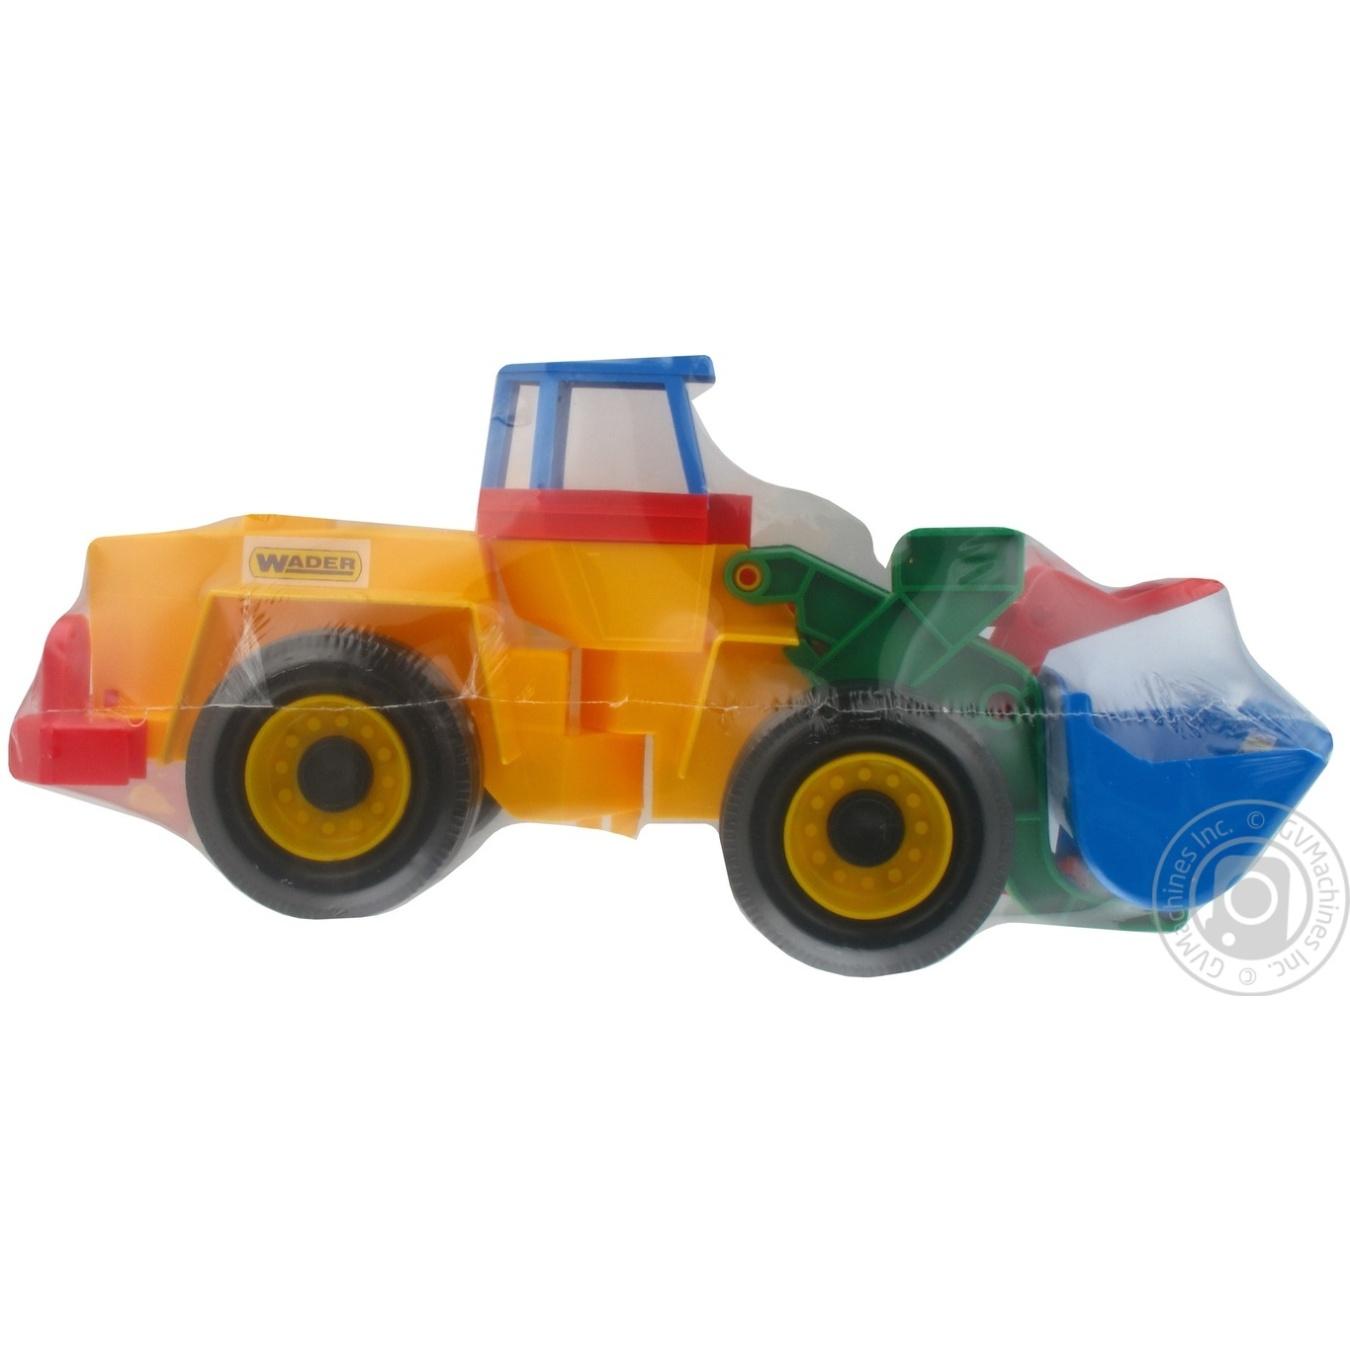 Іграшка Wader Екскаватор 39212